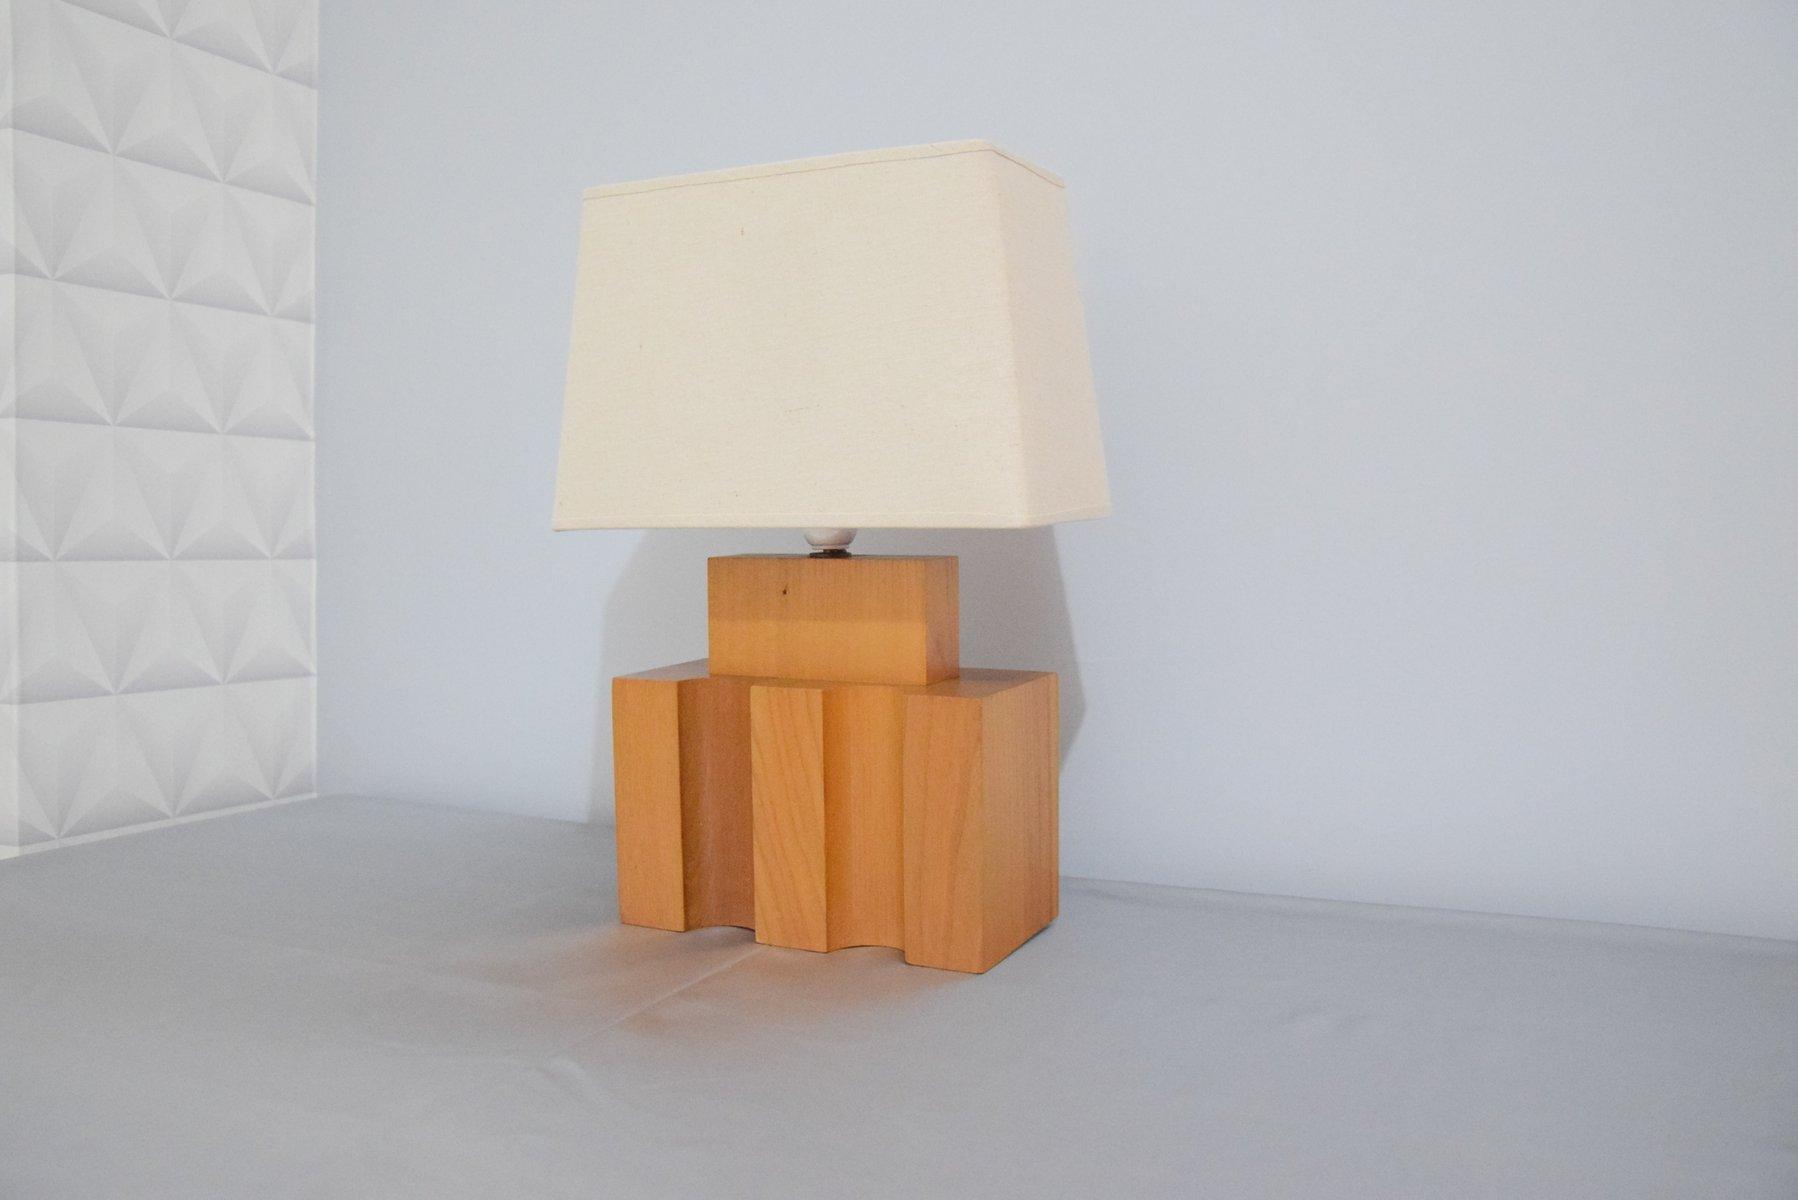 Brutalistische Vintage Ulmenholz Lampe von Maison Regain